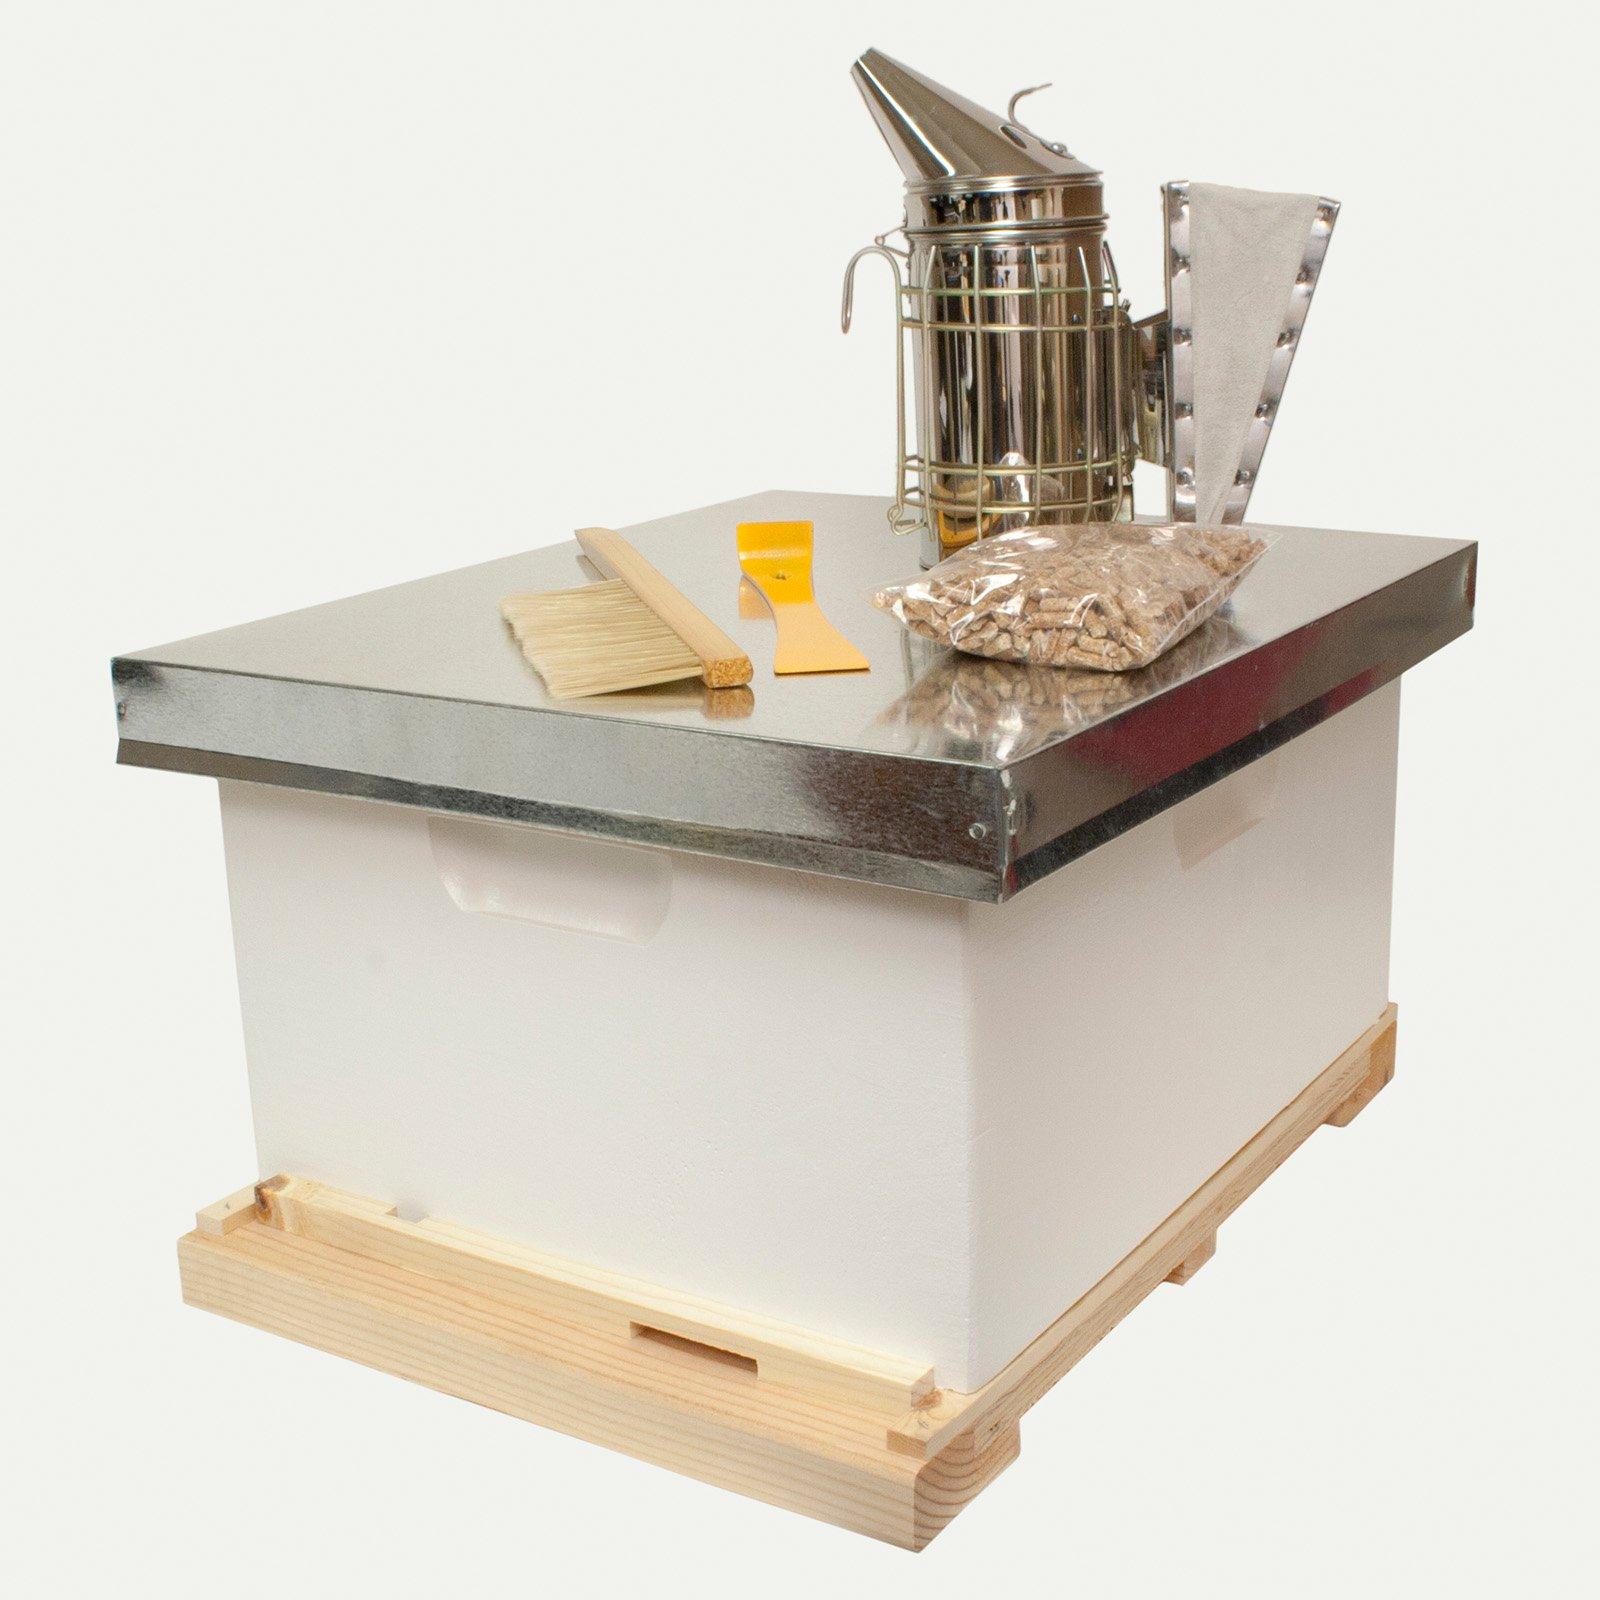 Harvest Lane Honey Beginner Backyard Beekeeping Kit with Tools